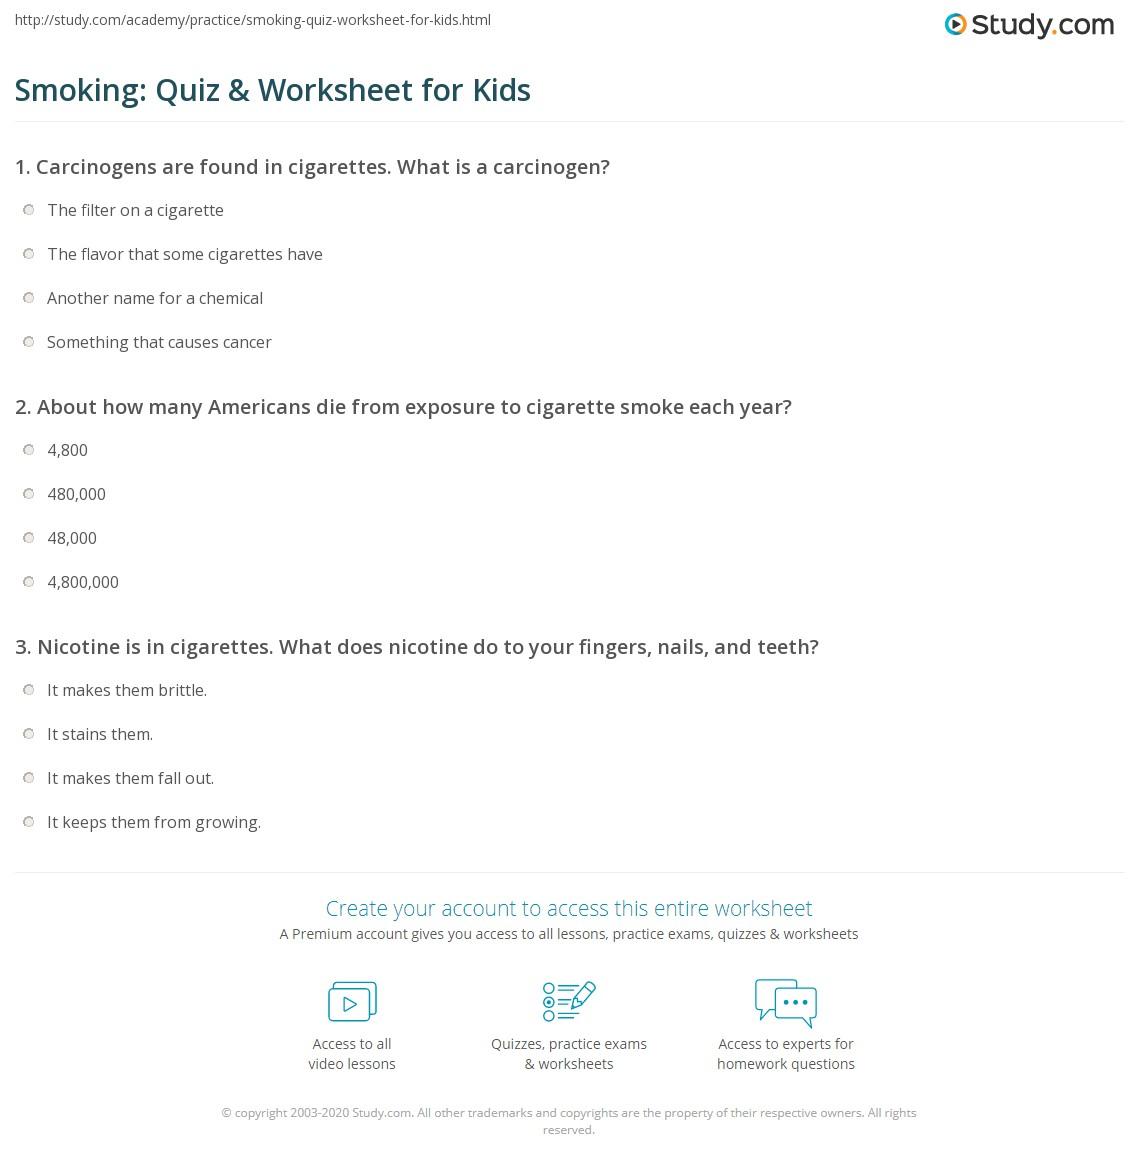 smoking: quiz & worksheet for kids | study